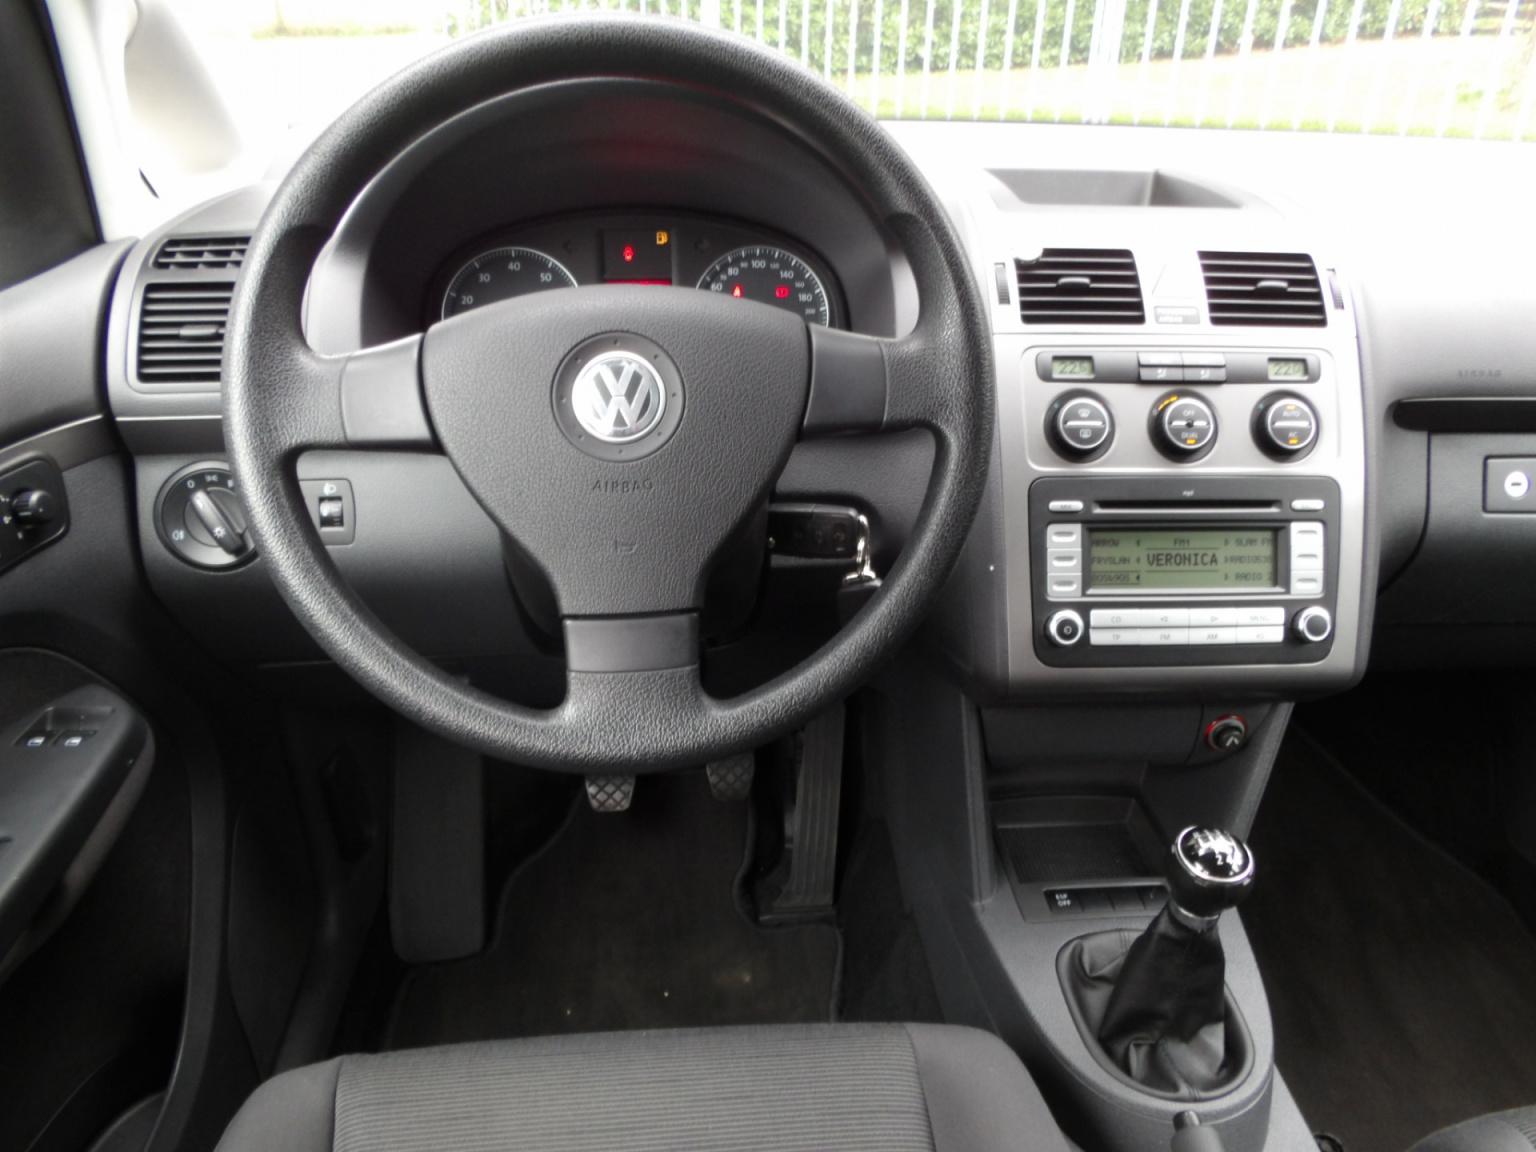 Volkswagen-Touran-6